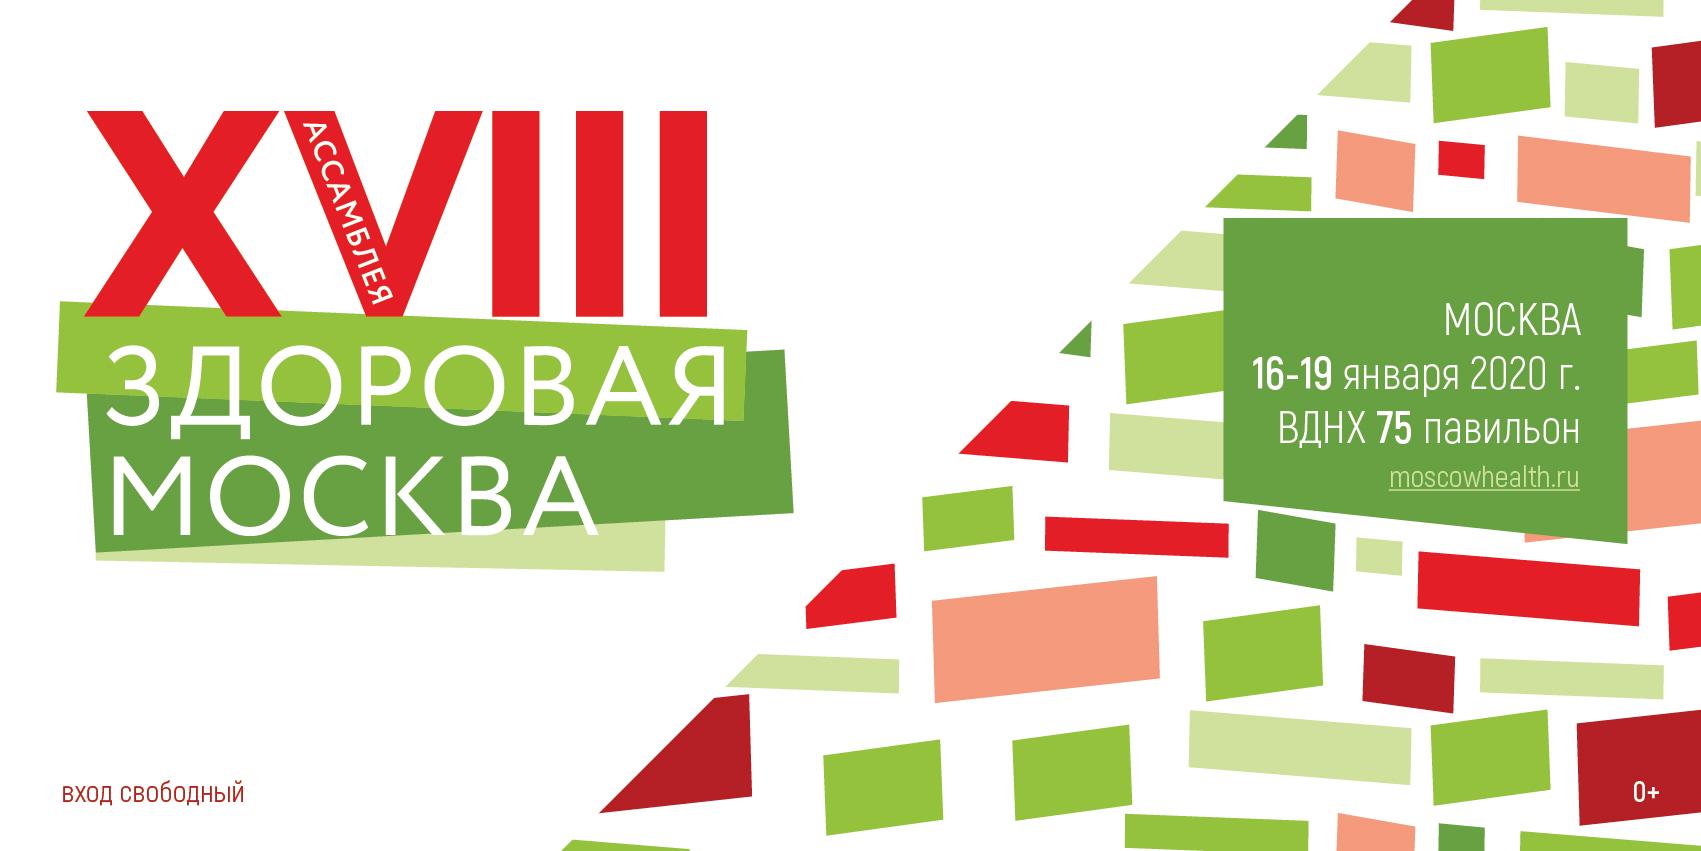 XVIII Ассамблея Здоровая Москва